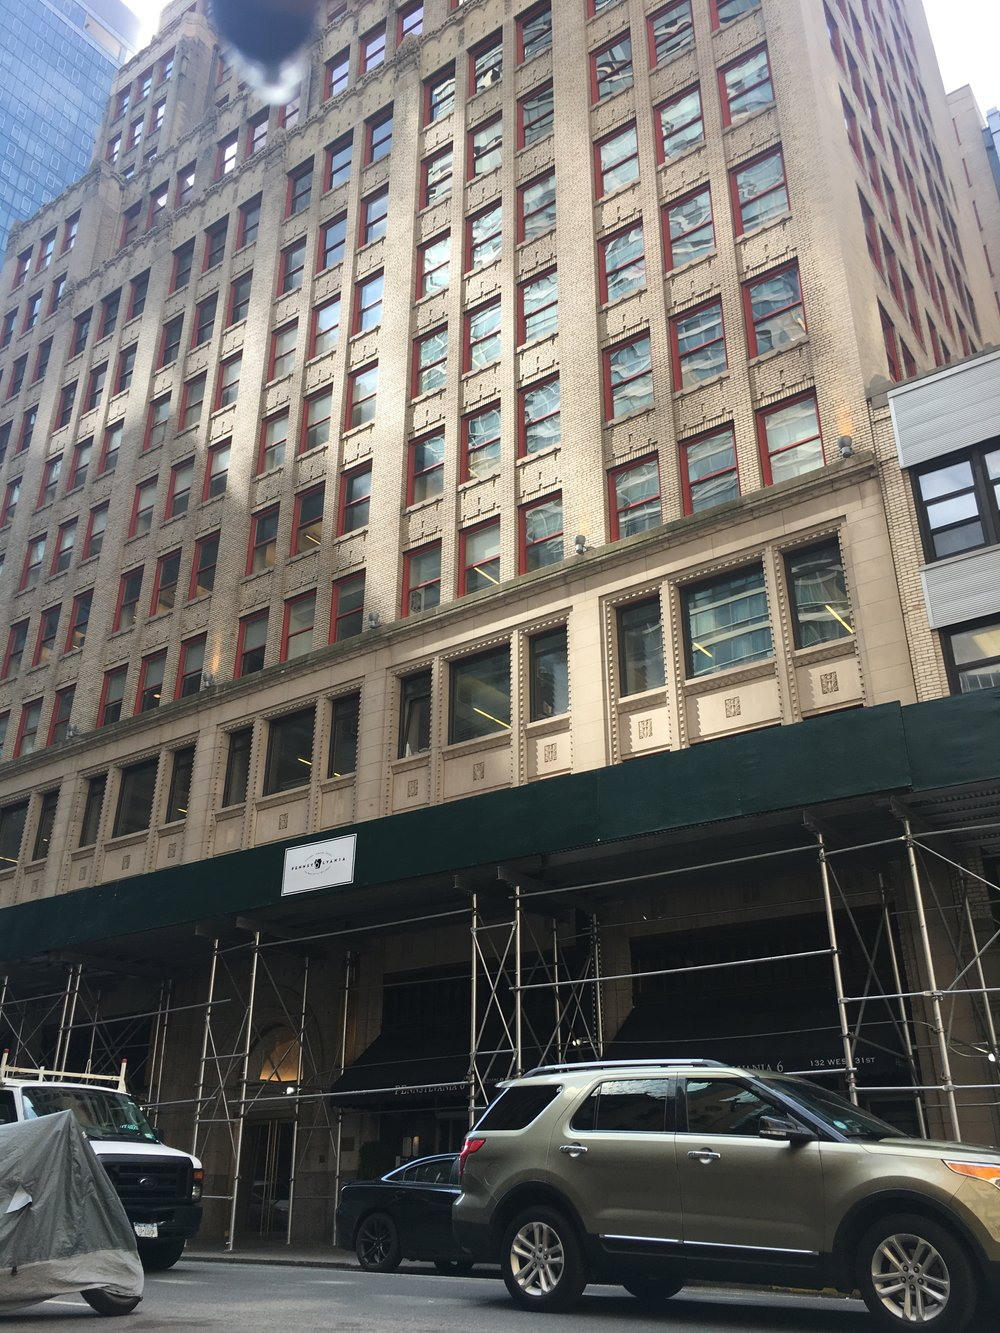 Il Campanello - 136 West 31st StreetArchi-Nova Inc.